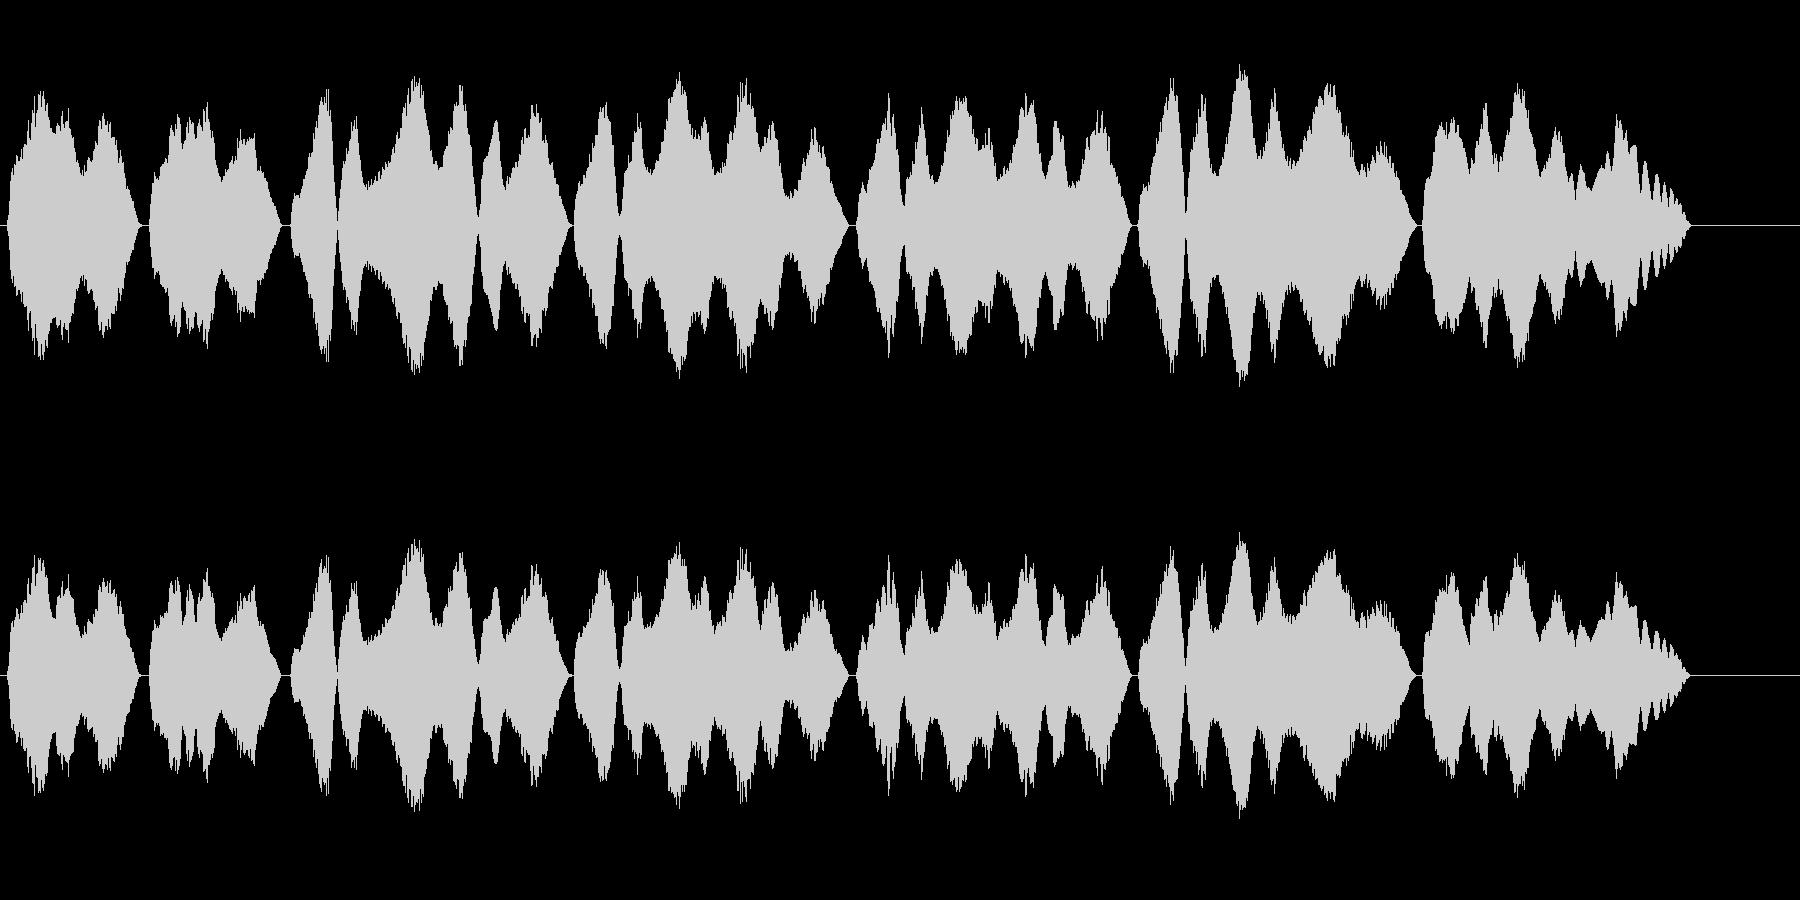 テルミン四重録音きよしこのよるBPM65の未再生の波形